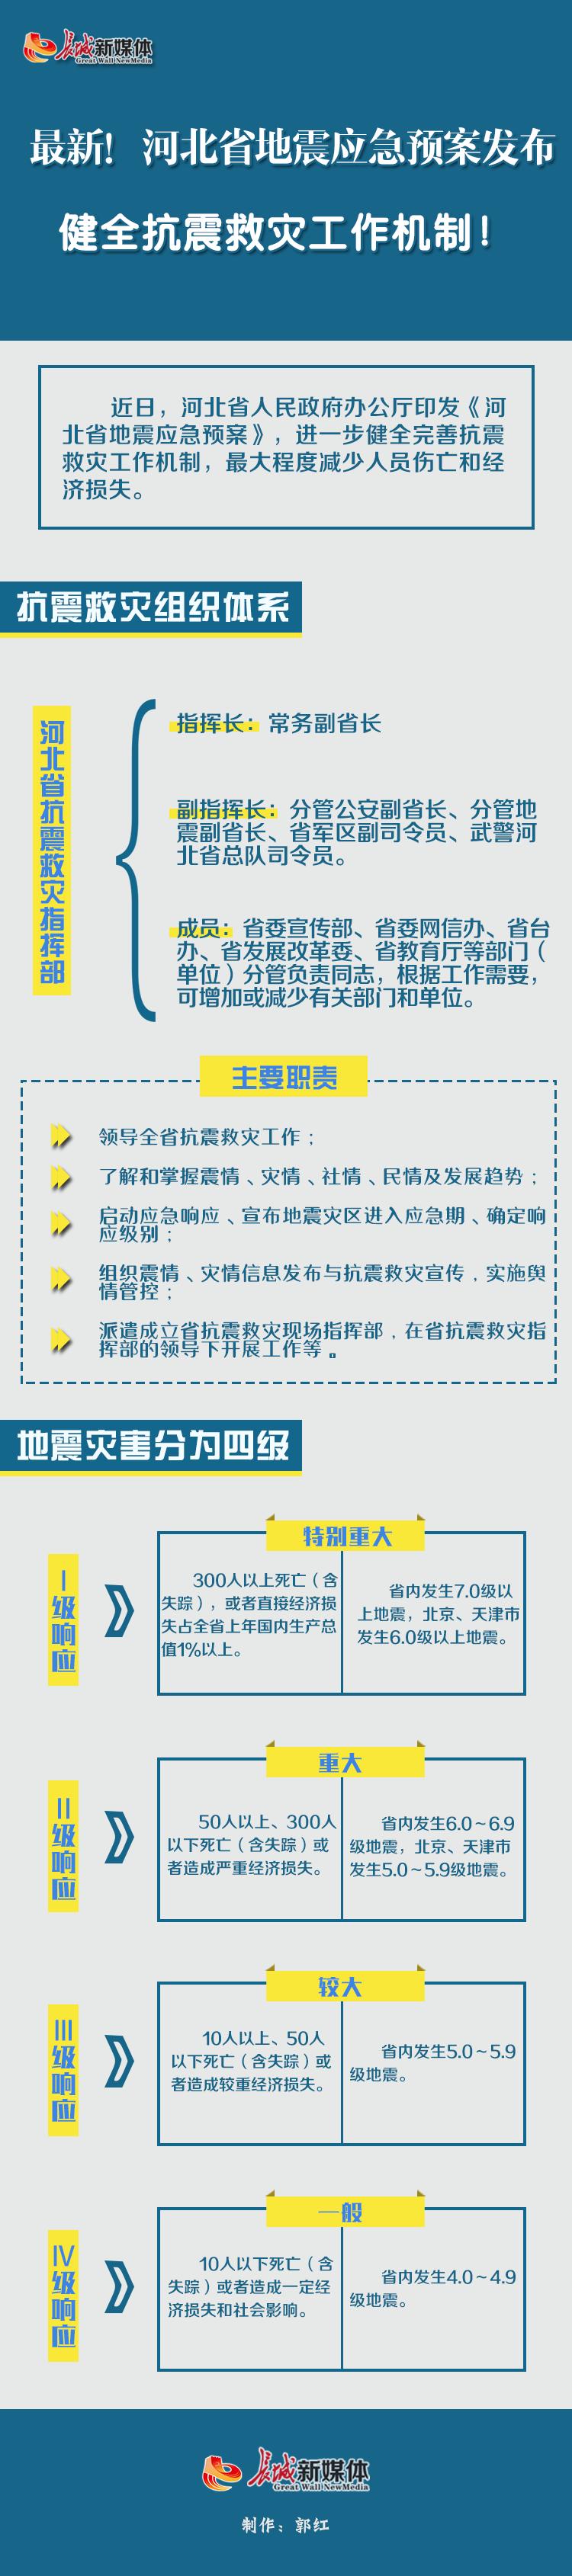 【图解】最新!河北省地震应急预案发布  健全抗震救灾工作机制